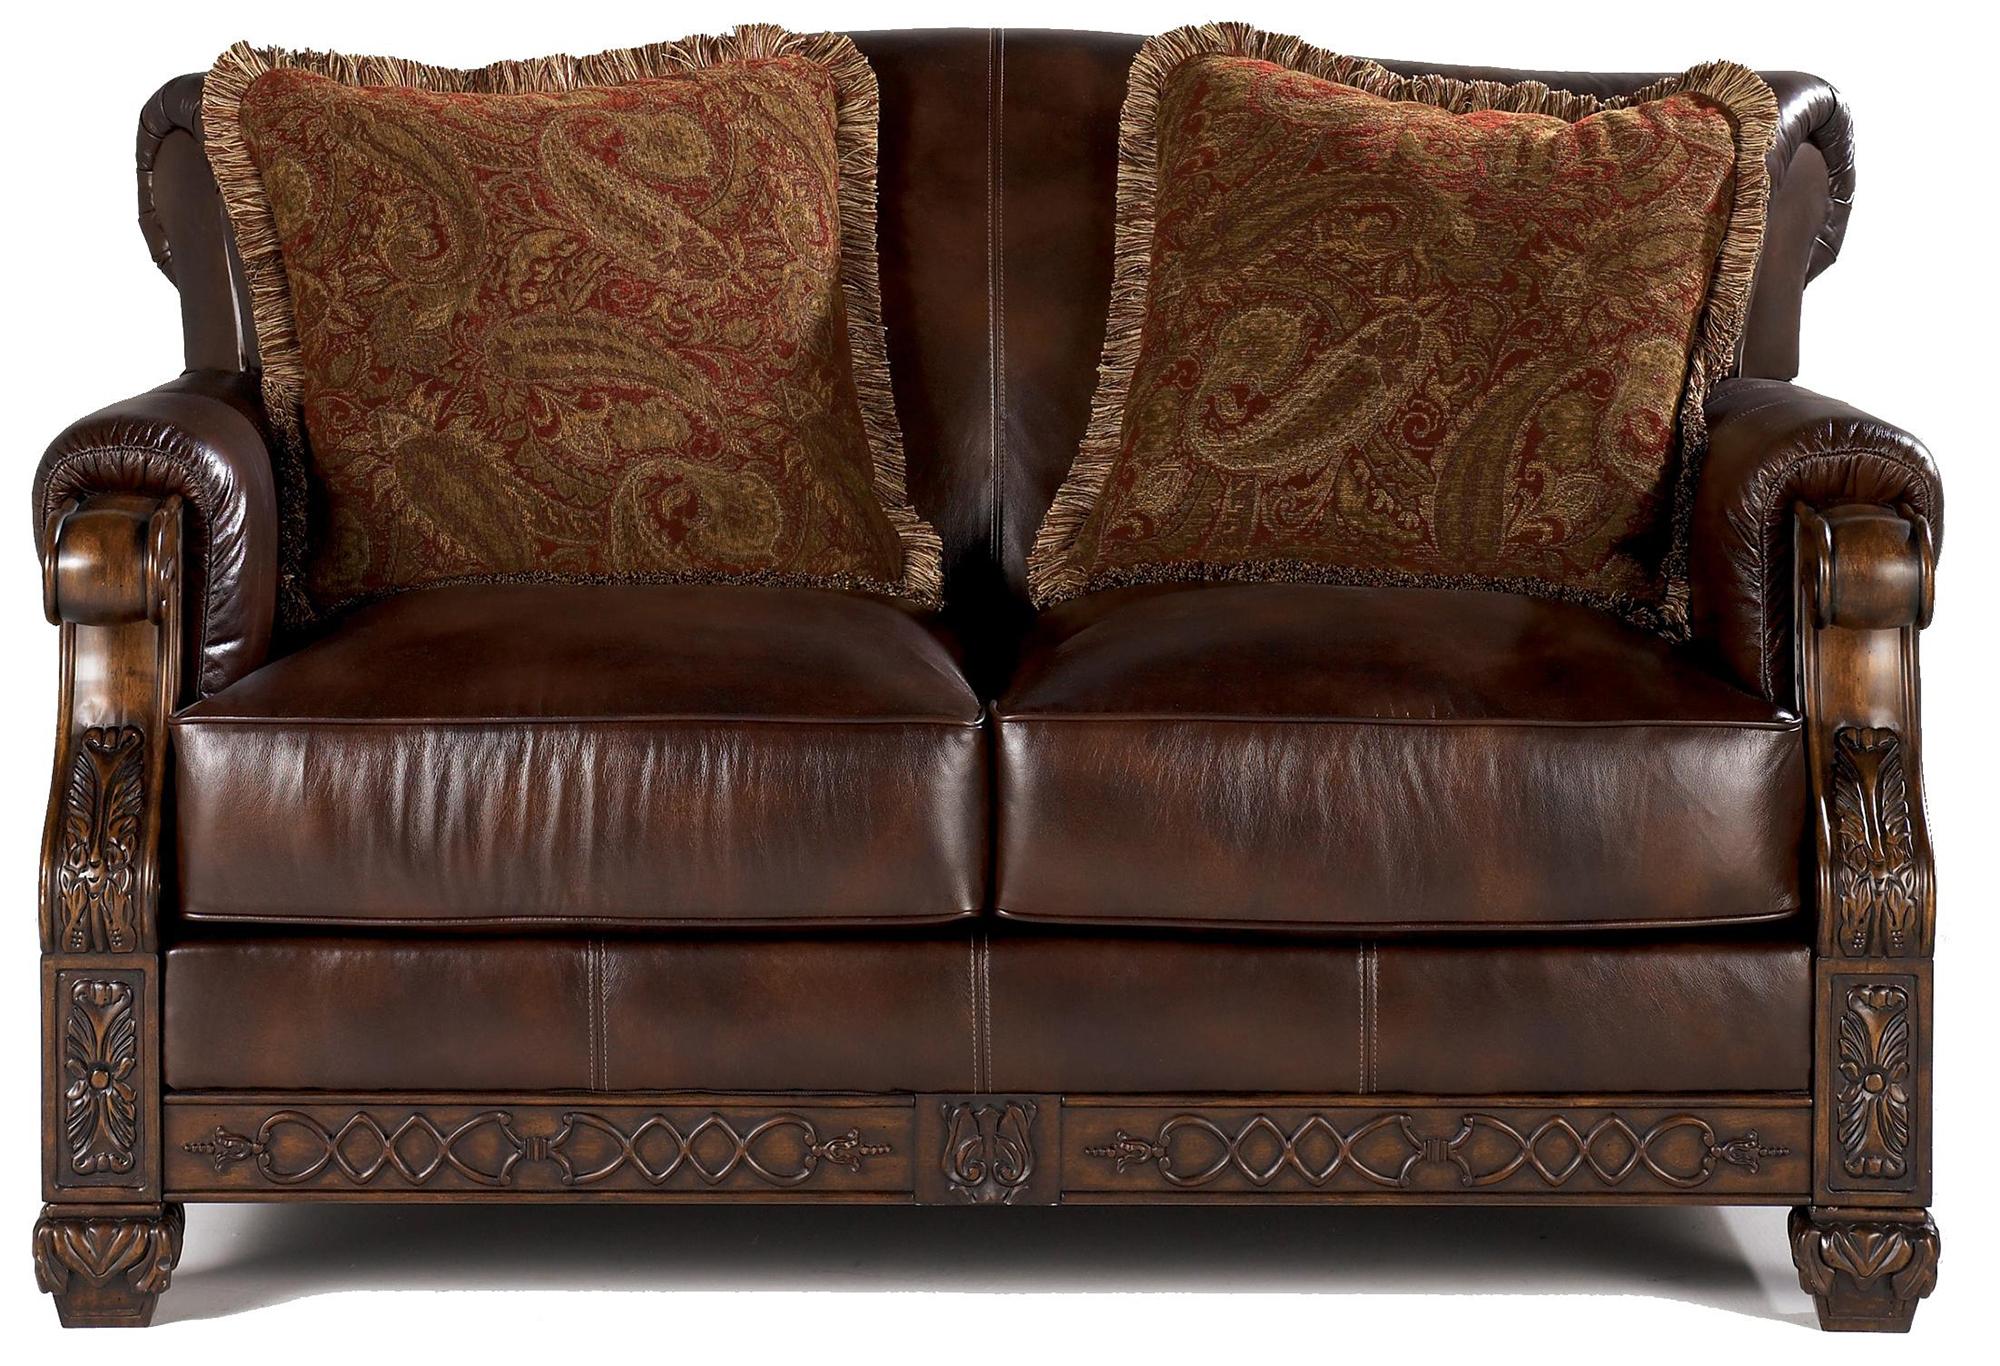 Кожаный диван с резным деревянным декором